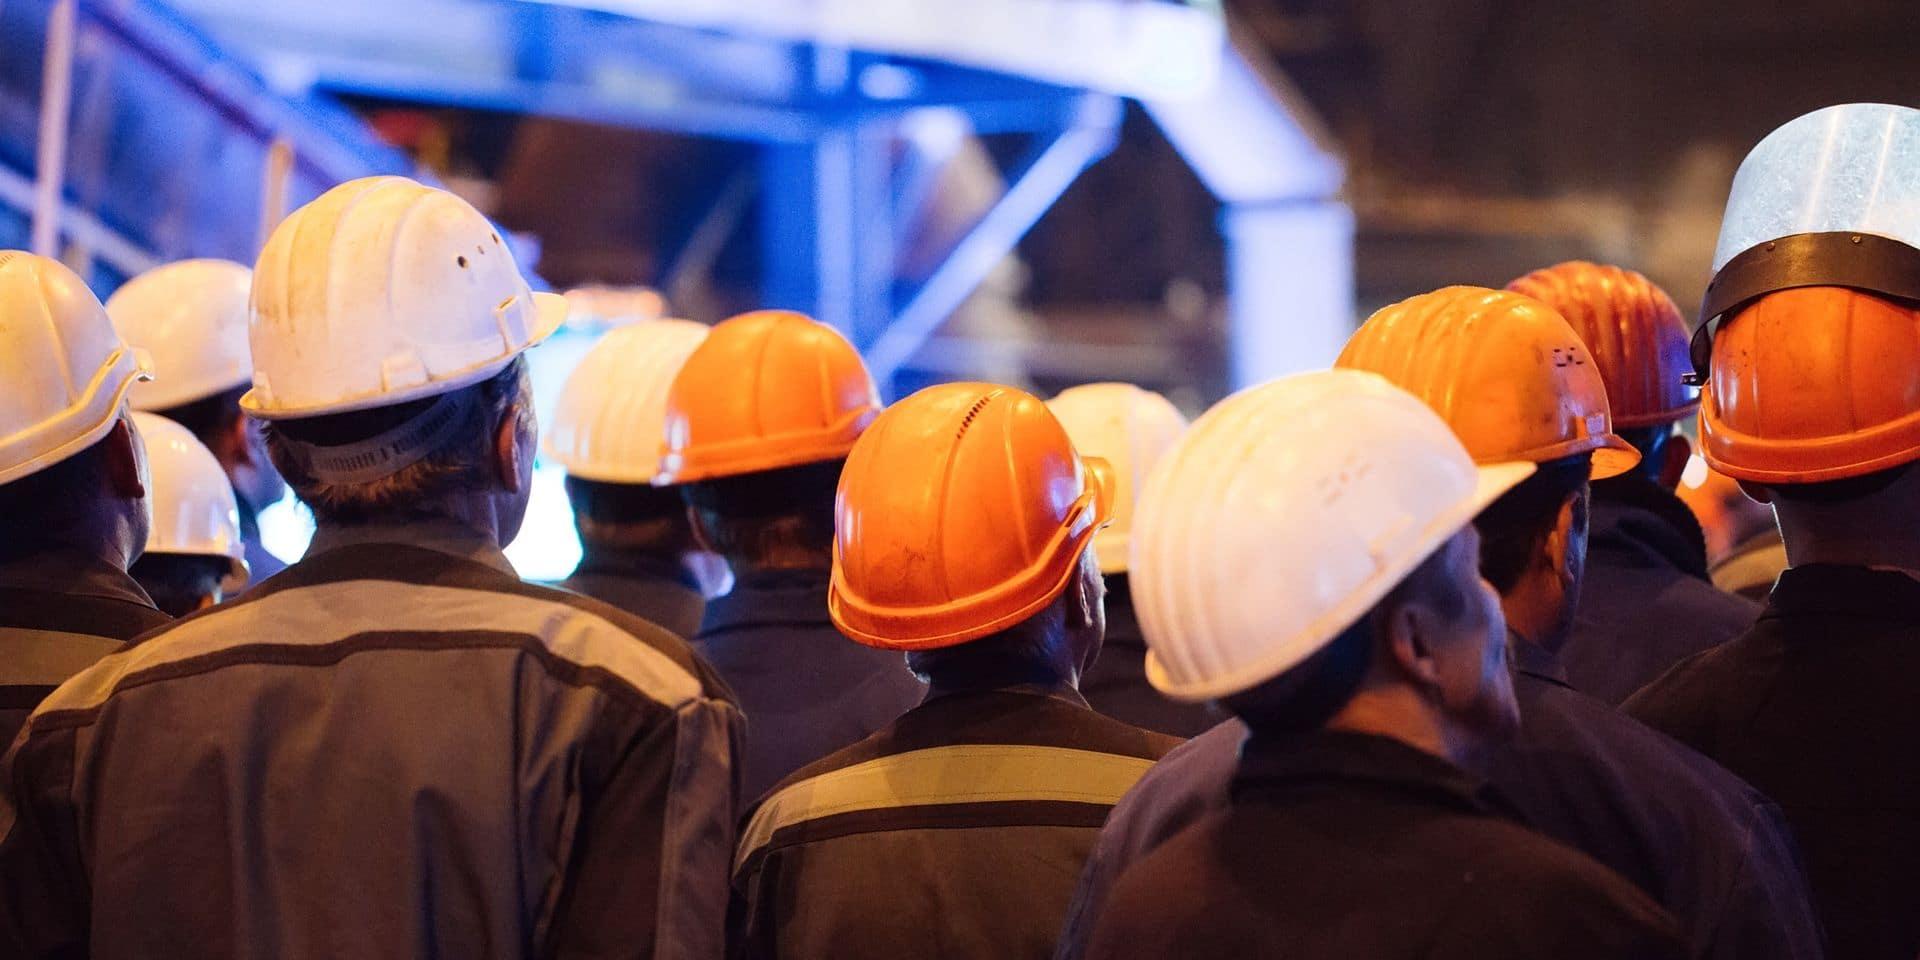 Le mécontentement des travailleurs a été suscité par un licenciement jugé injustifié, selon la CSC (Illustration).